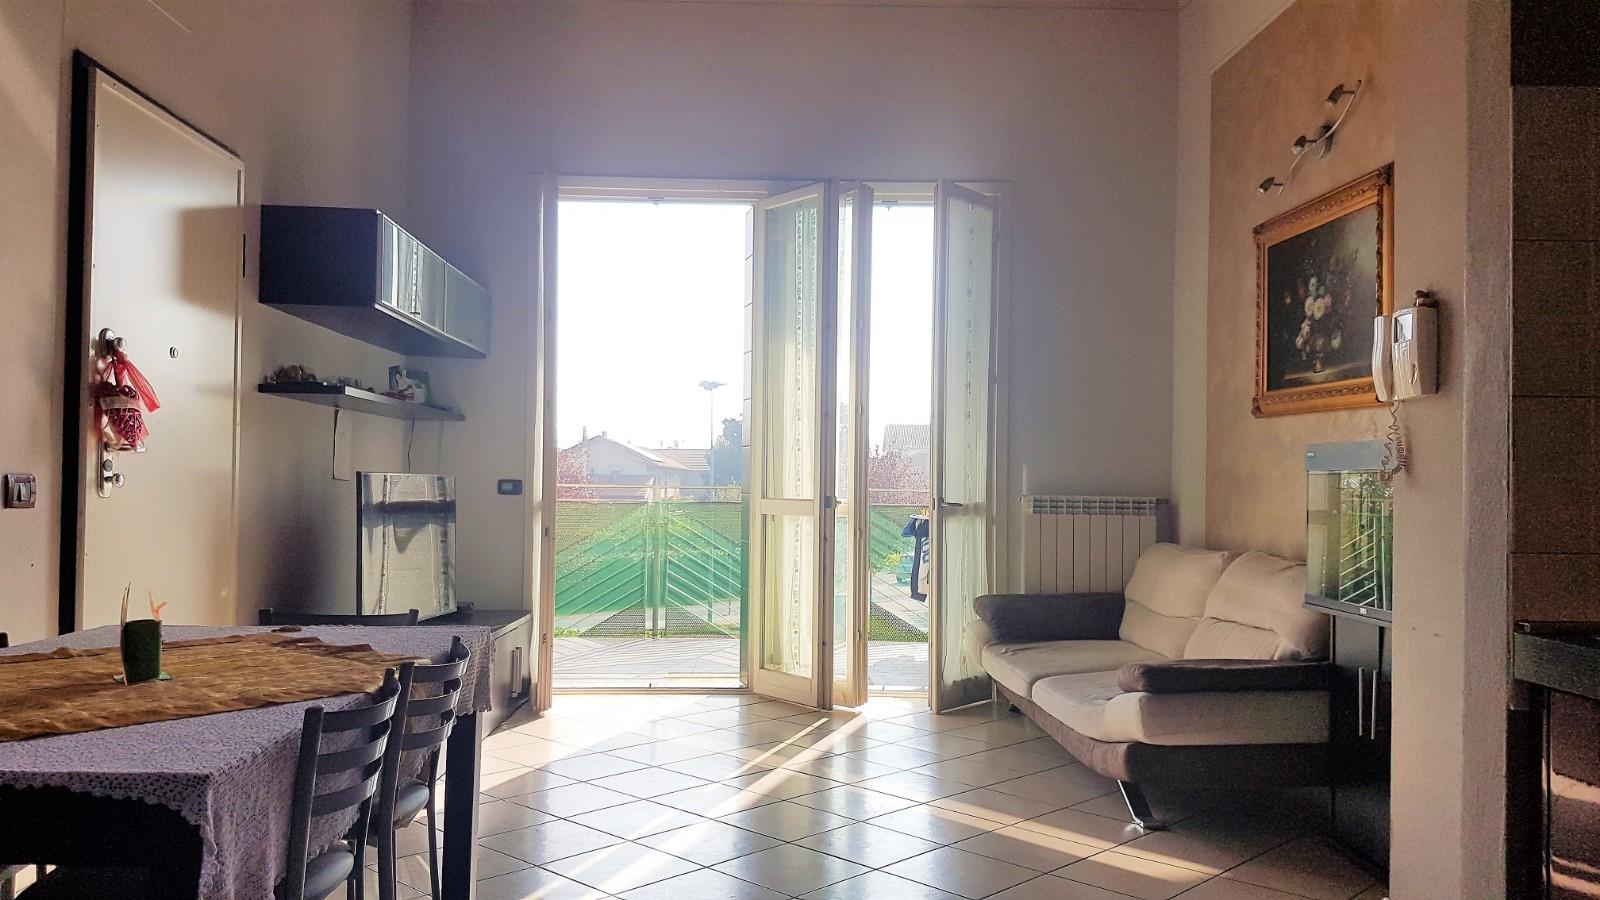 Foto 3 - Appartamento in Vendita - Verano Brianza (Monza e Brianza)